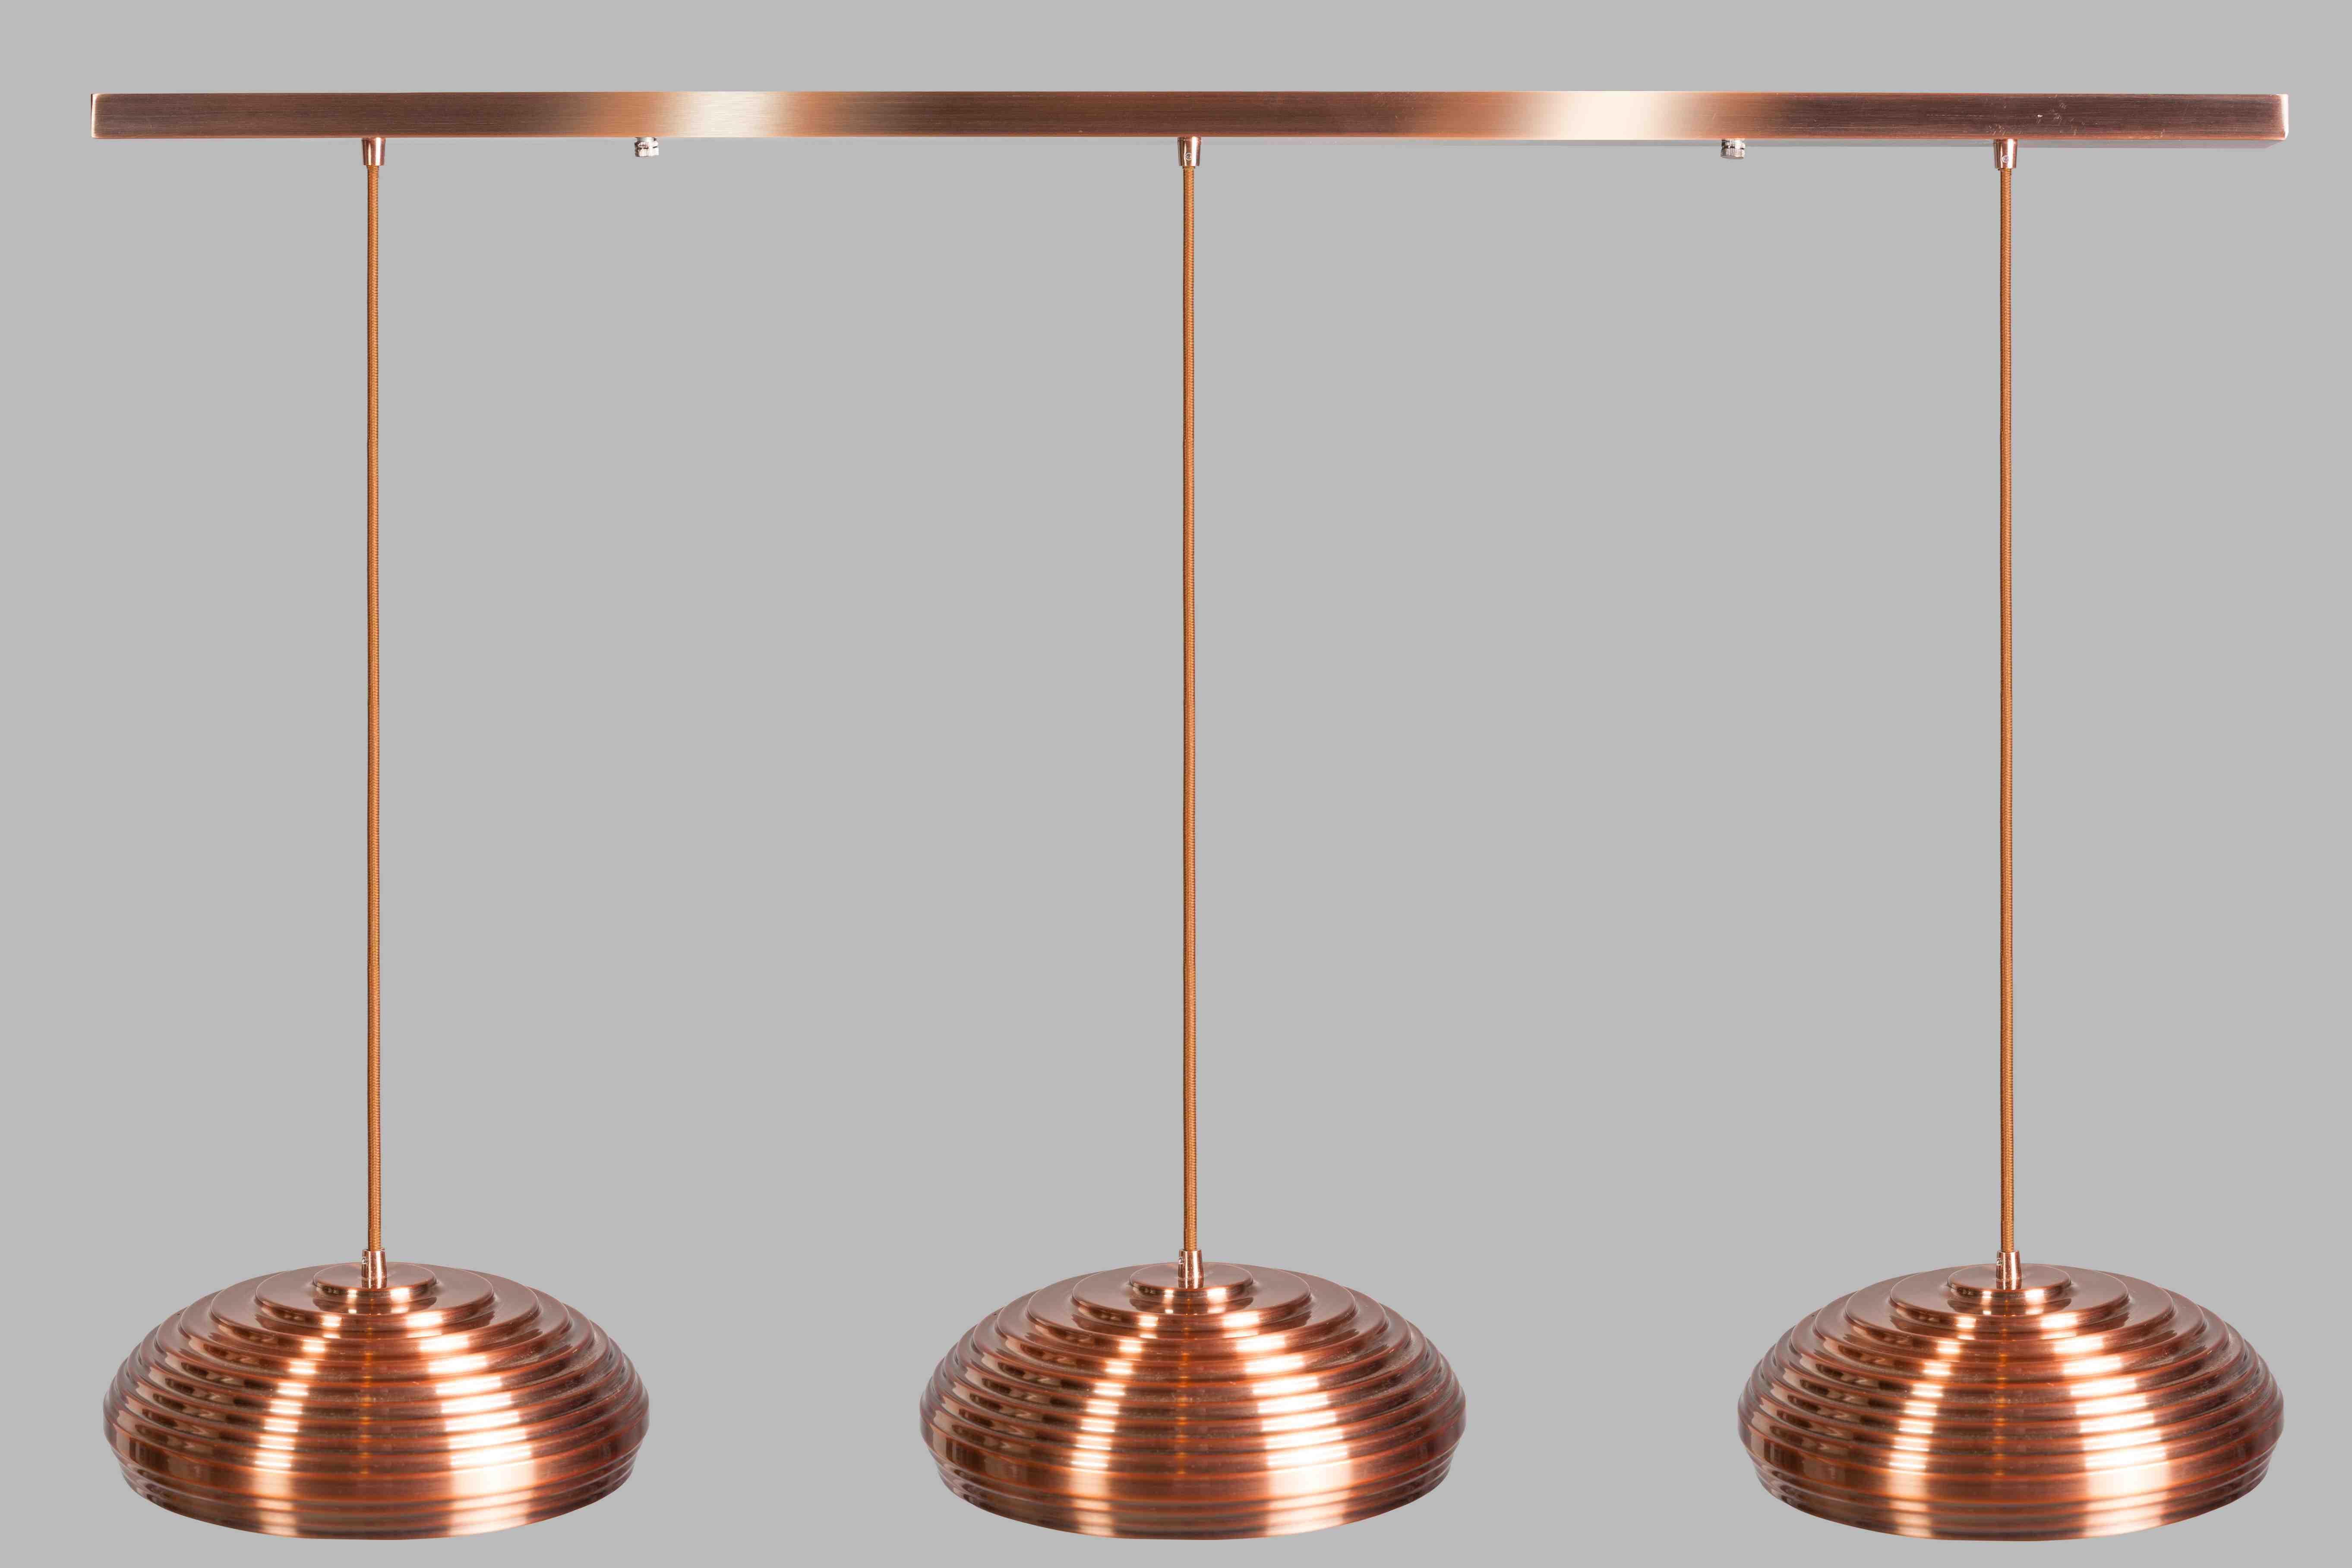 Hanglamp Palmi Koper - Rue de Rosa